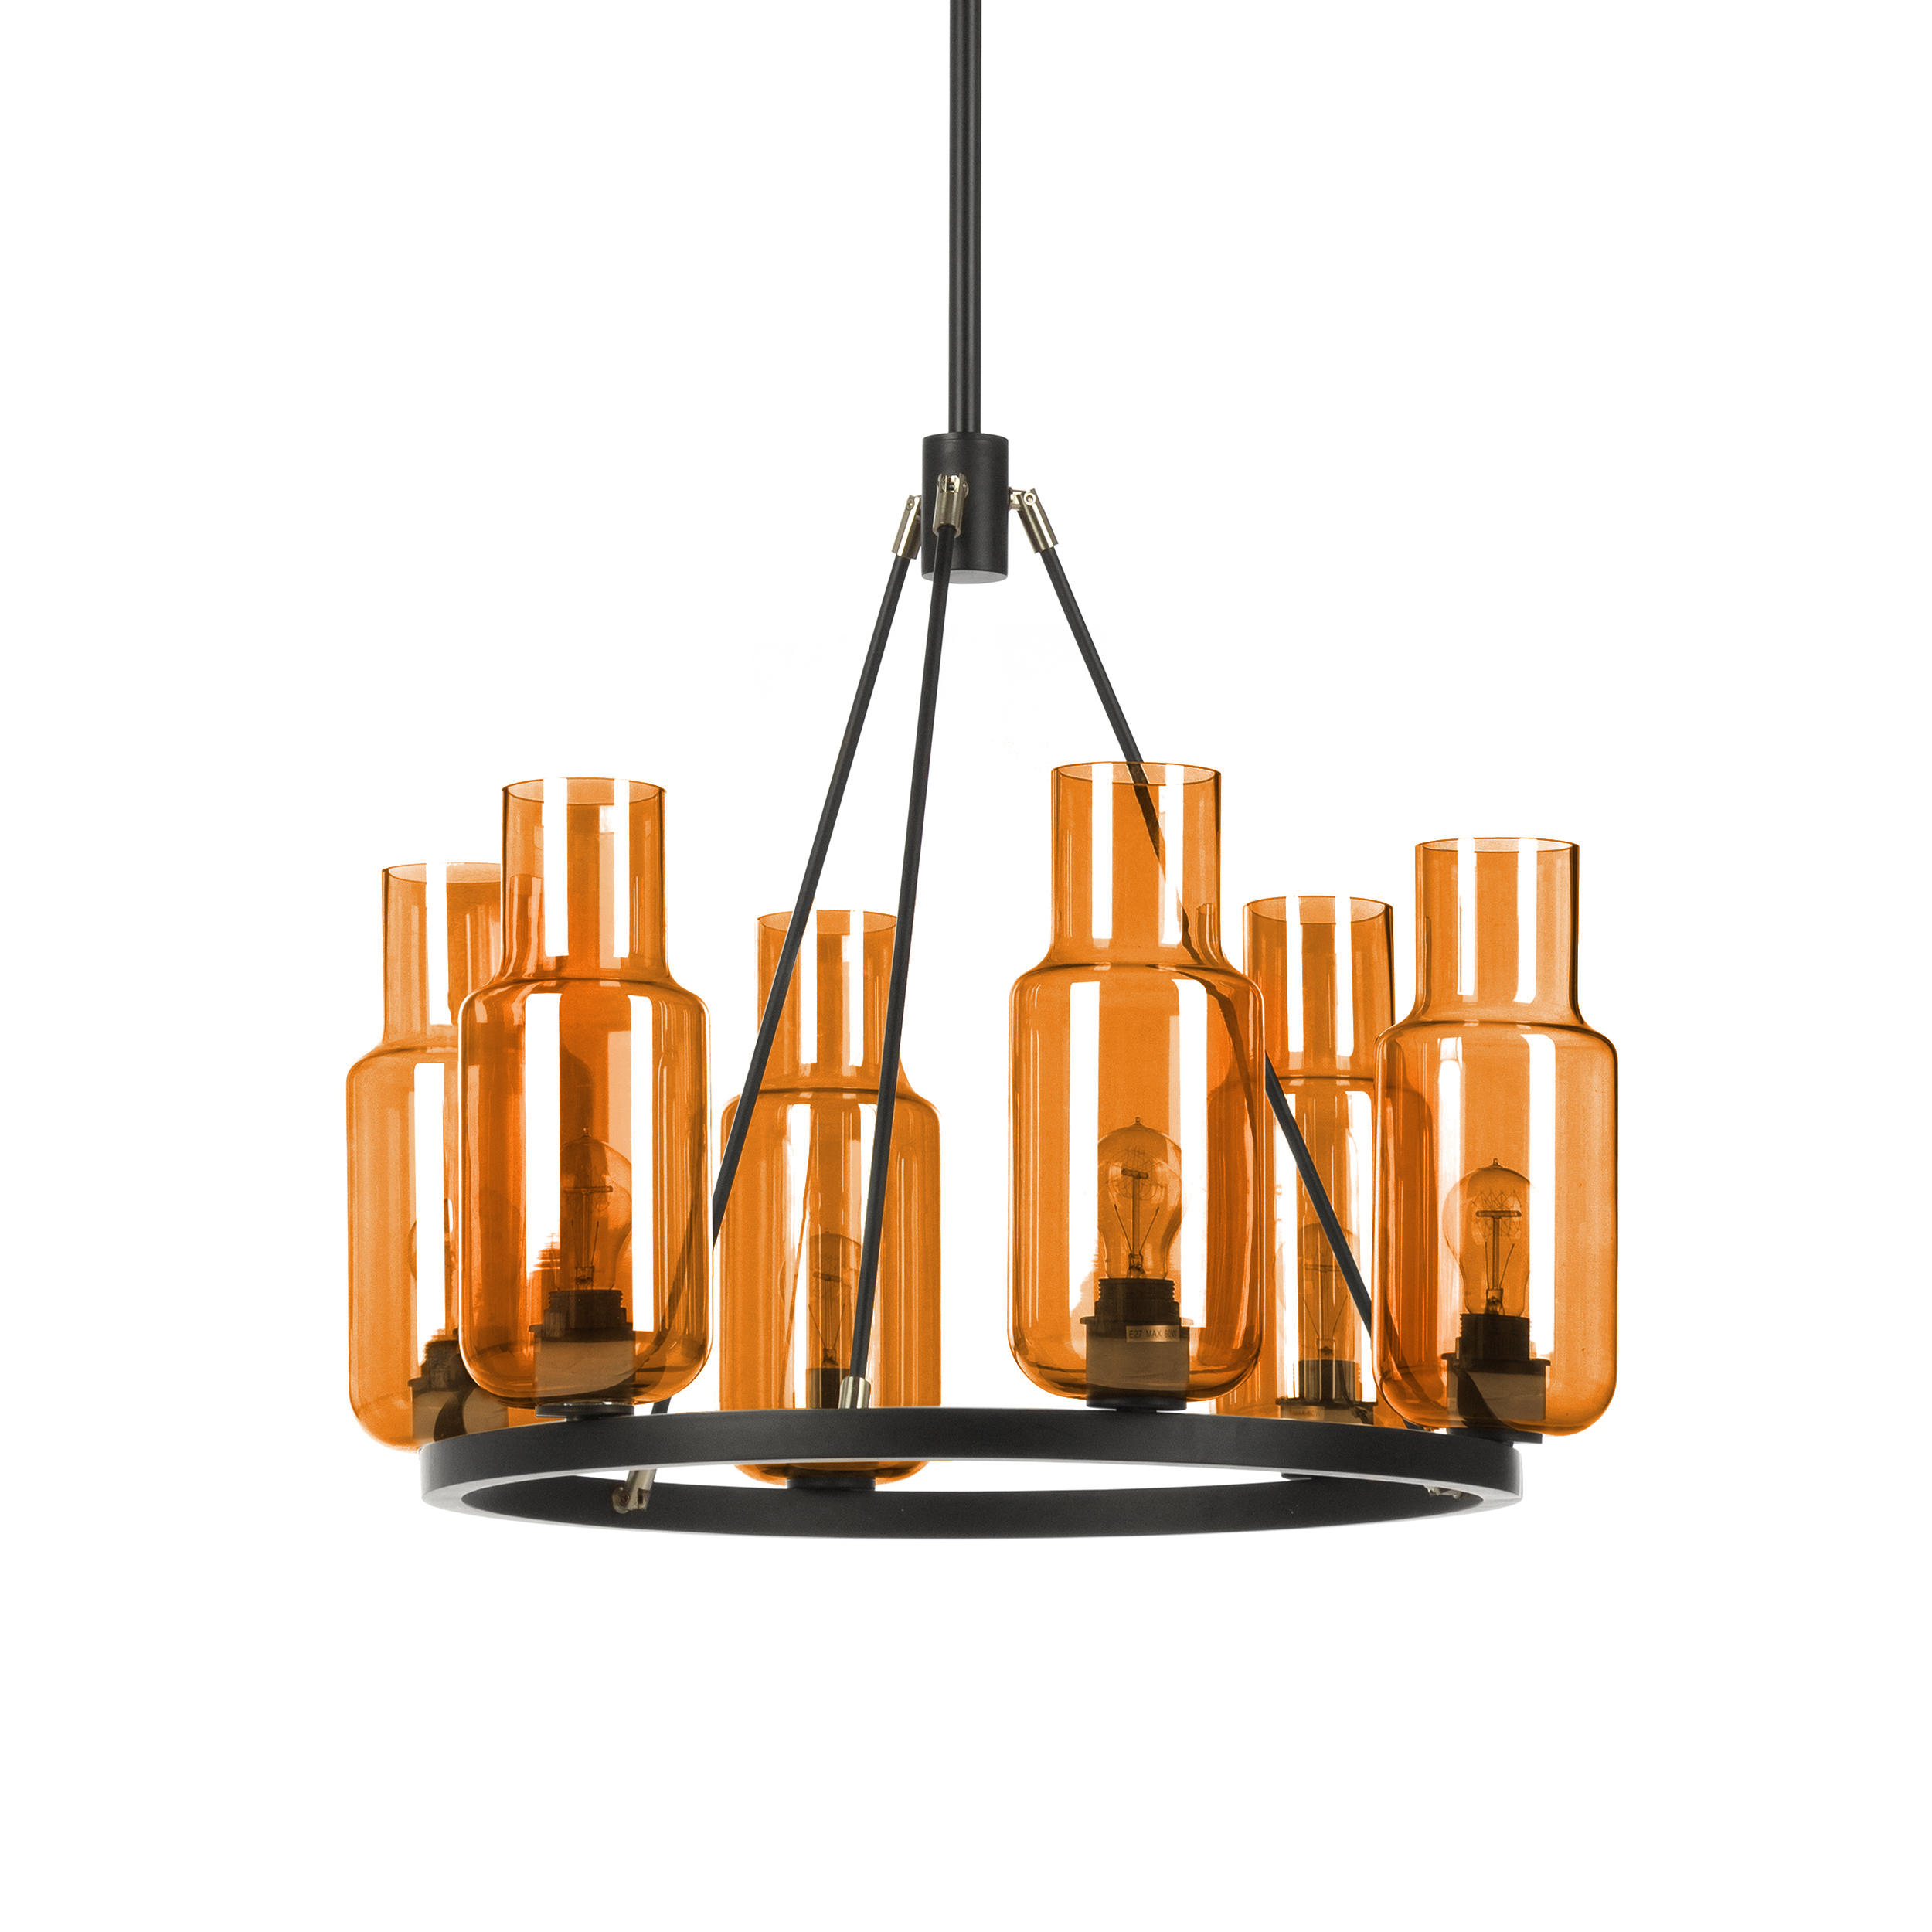 Подвесной светильник KnightПодвесные<br>Подвесной светильник Knight — один из коллекции американского дизайнера Джереми Пайлза, специализирующегося на дизайне осветительных приборов.<br> <br> Сказать, что подвесной светильник Knight универсален, ничего не сказать. Его дизайн лаконичен и подходит интерьеру абсолютно любого помещения в современном стиле — гостиной или детской, кухни или ванной, кафе или офиса... Светильники из различных коллекций Пайлза гармонично сочетаются между собой. Все это благодаря однородности форм, цветов и мате...<br><br>stock: 2<br>Высота: 120<br>Диаметр: 70<br>Количество ламп: 6<br>Материал абажура: Стекло<br>Материал арматуры: Сталь<br>Мощность лампы: 60<br>Ламп в комплекте: Нет<br>Напряжение: 220<br>Тип лампы/цоколь: E27<br>Цвет абажура: Красный